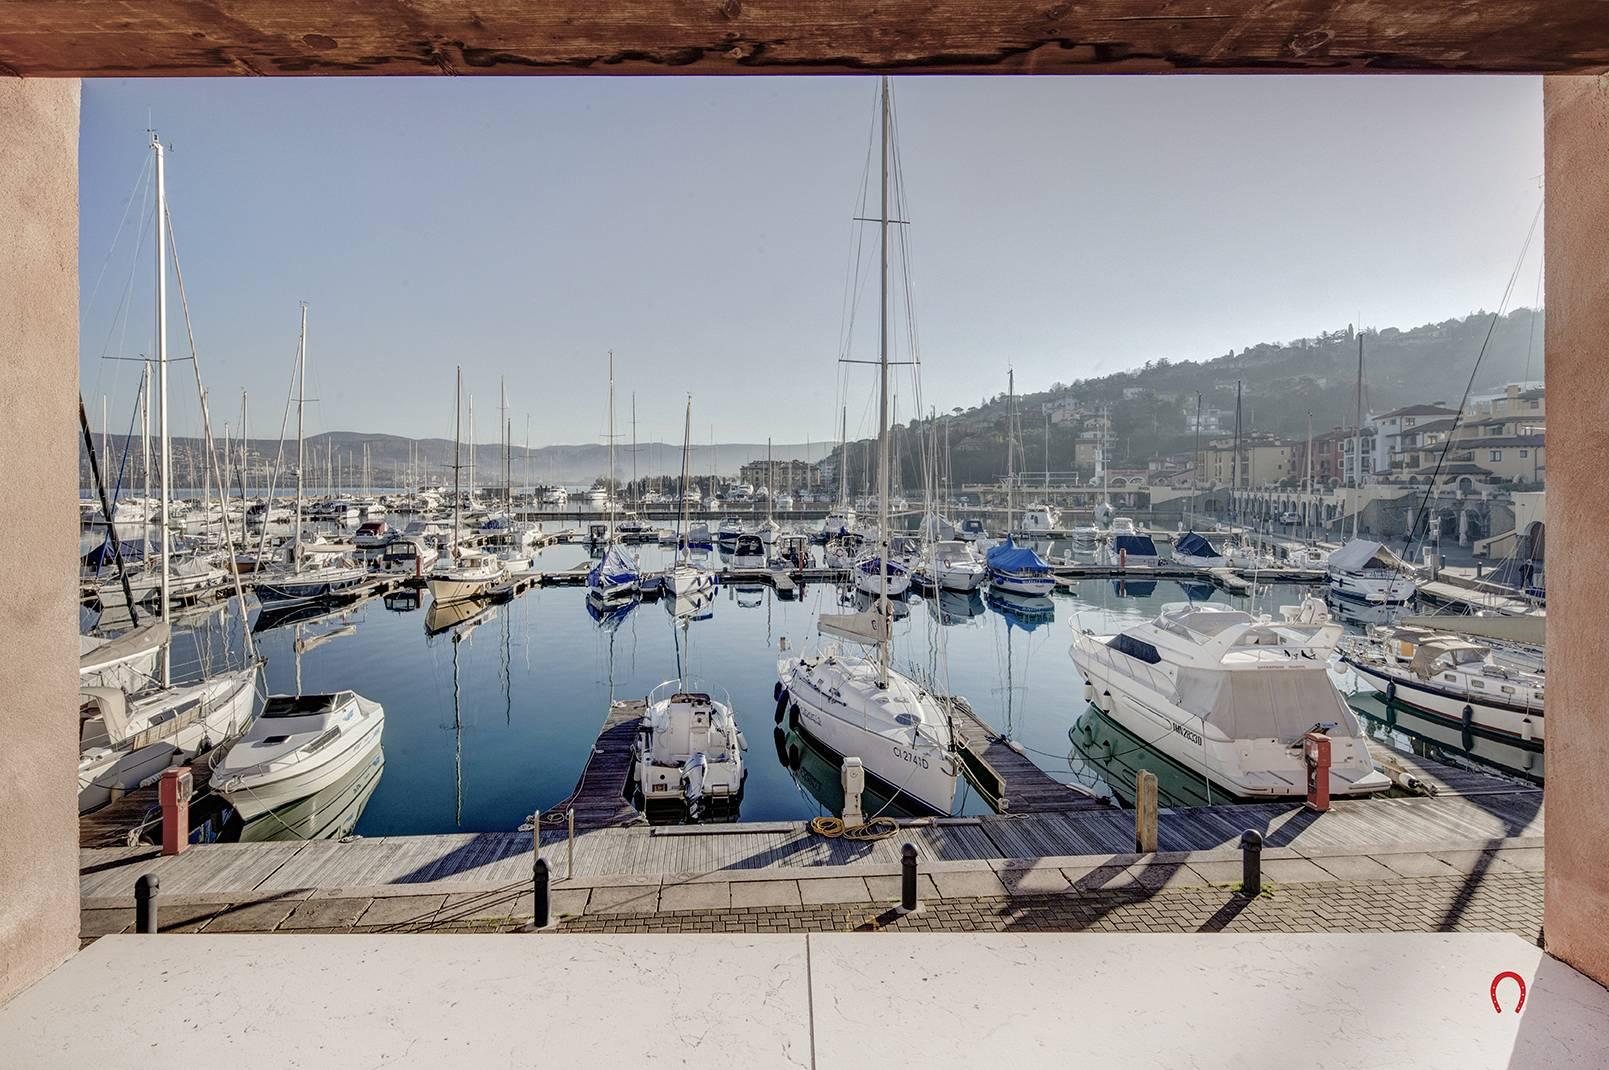 Appartamento in vendita a Muggia, 2 locali, zona Località: PortoSanRocco, prezzo € 205.000   PortaleAgenzieImmobiliari.it